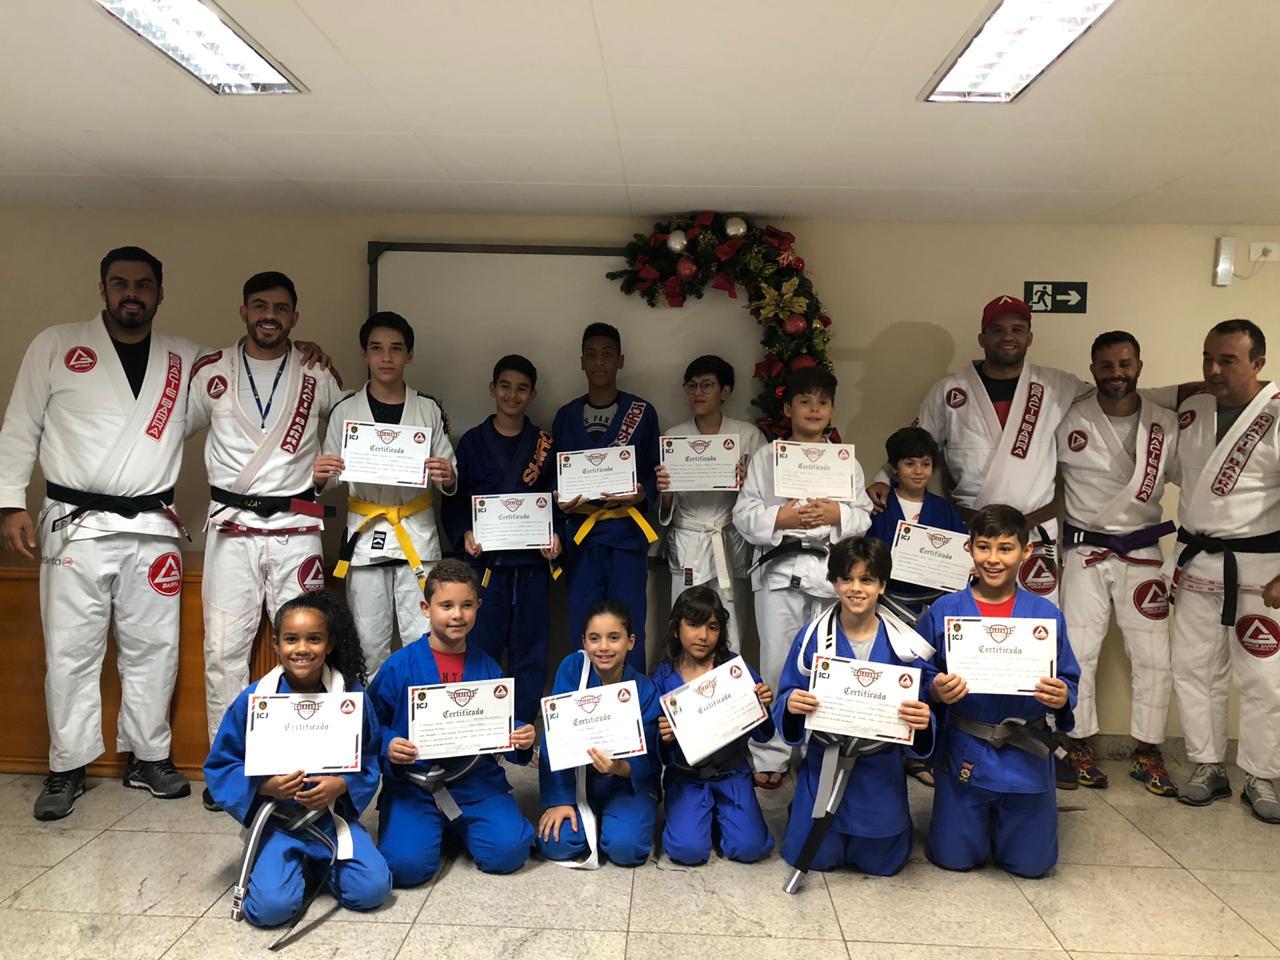 1ª cerimônia de graduação do Jiu Jitsu